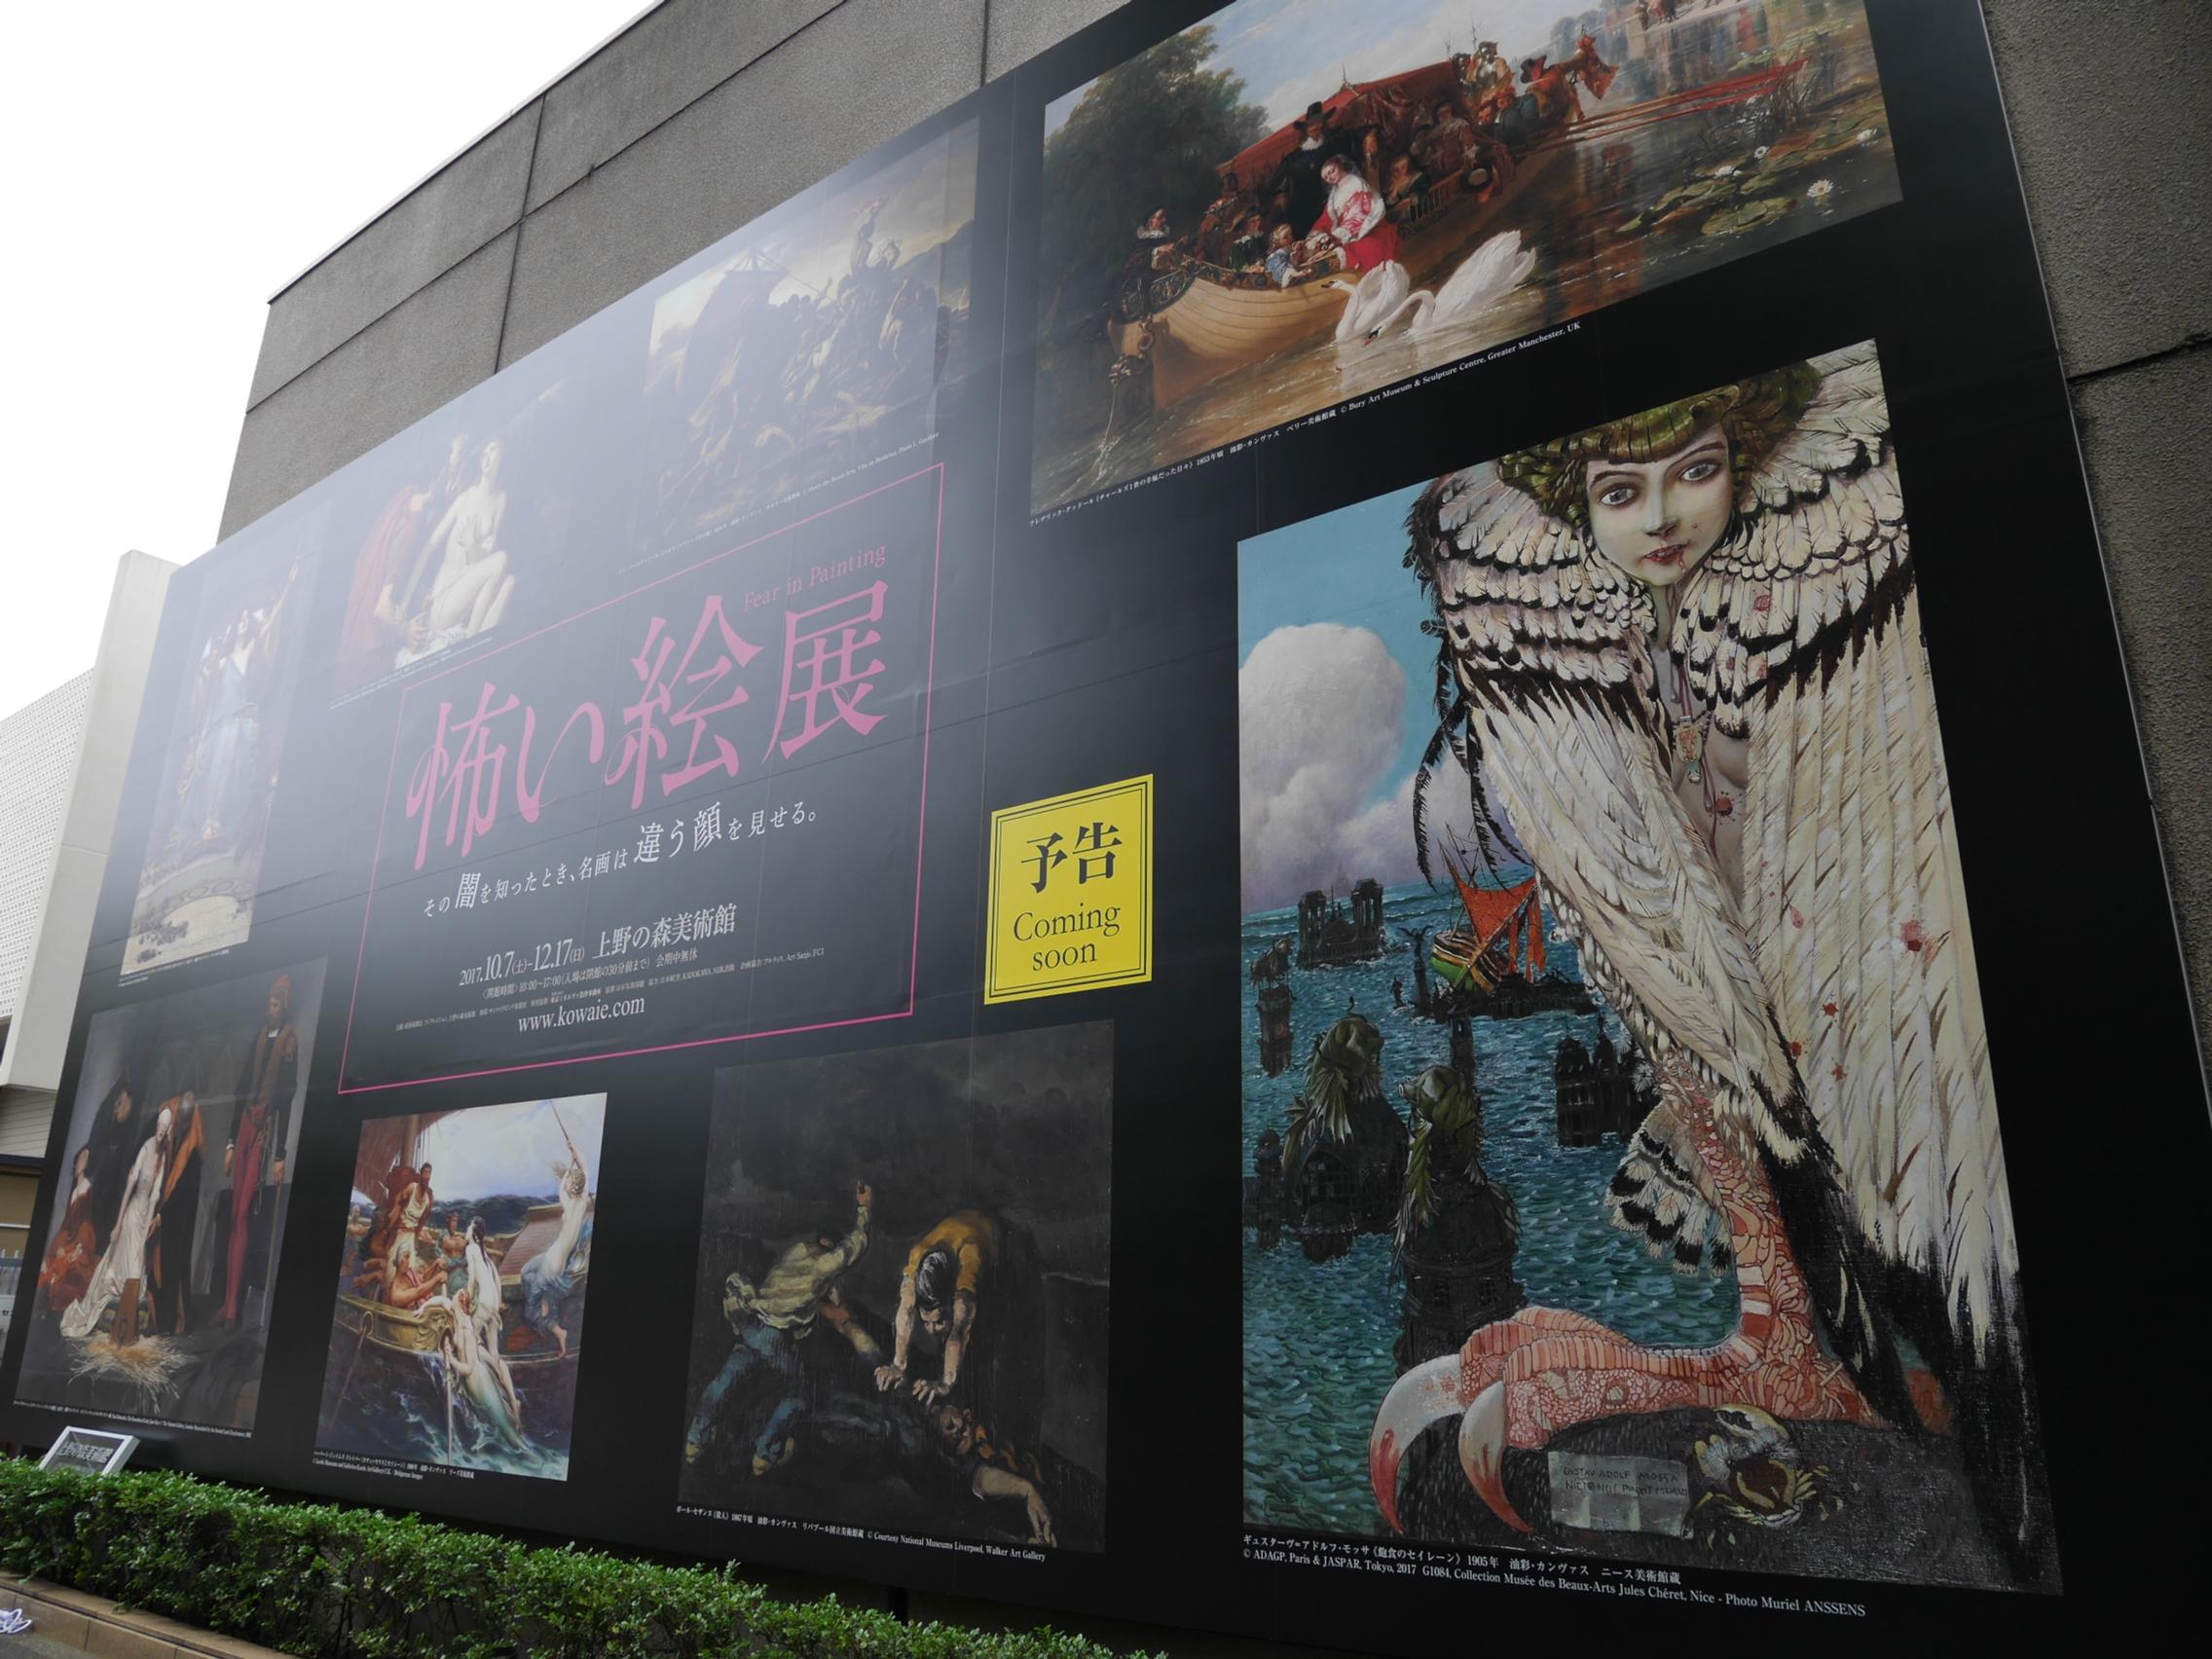 ユニークな展覧会「怖い絵」展。怖いもの見たさに行ってみよう!